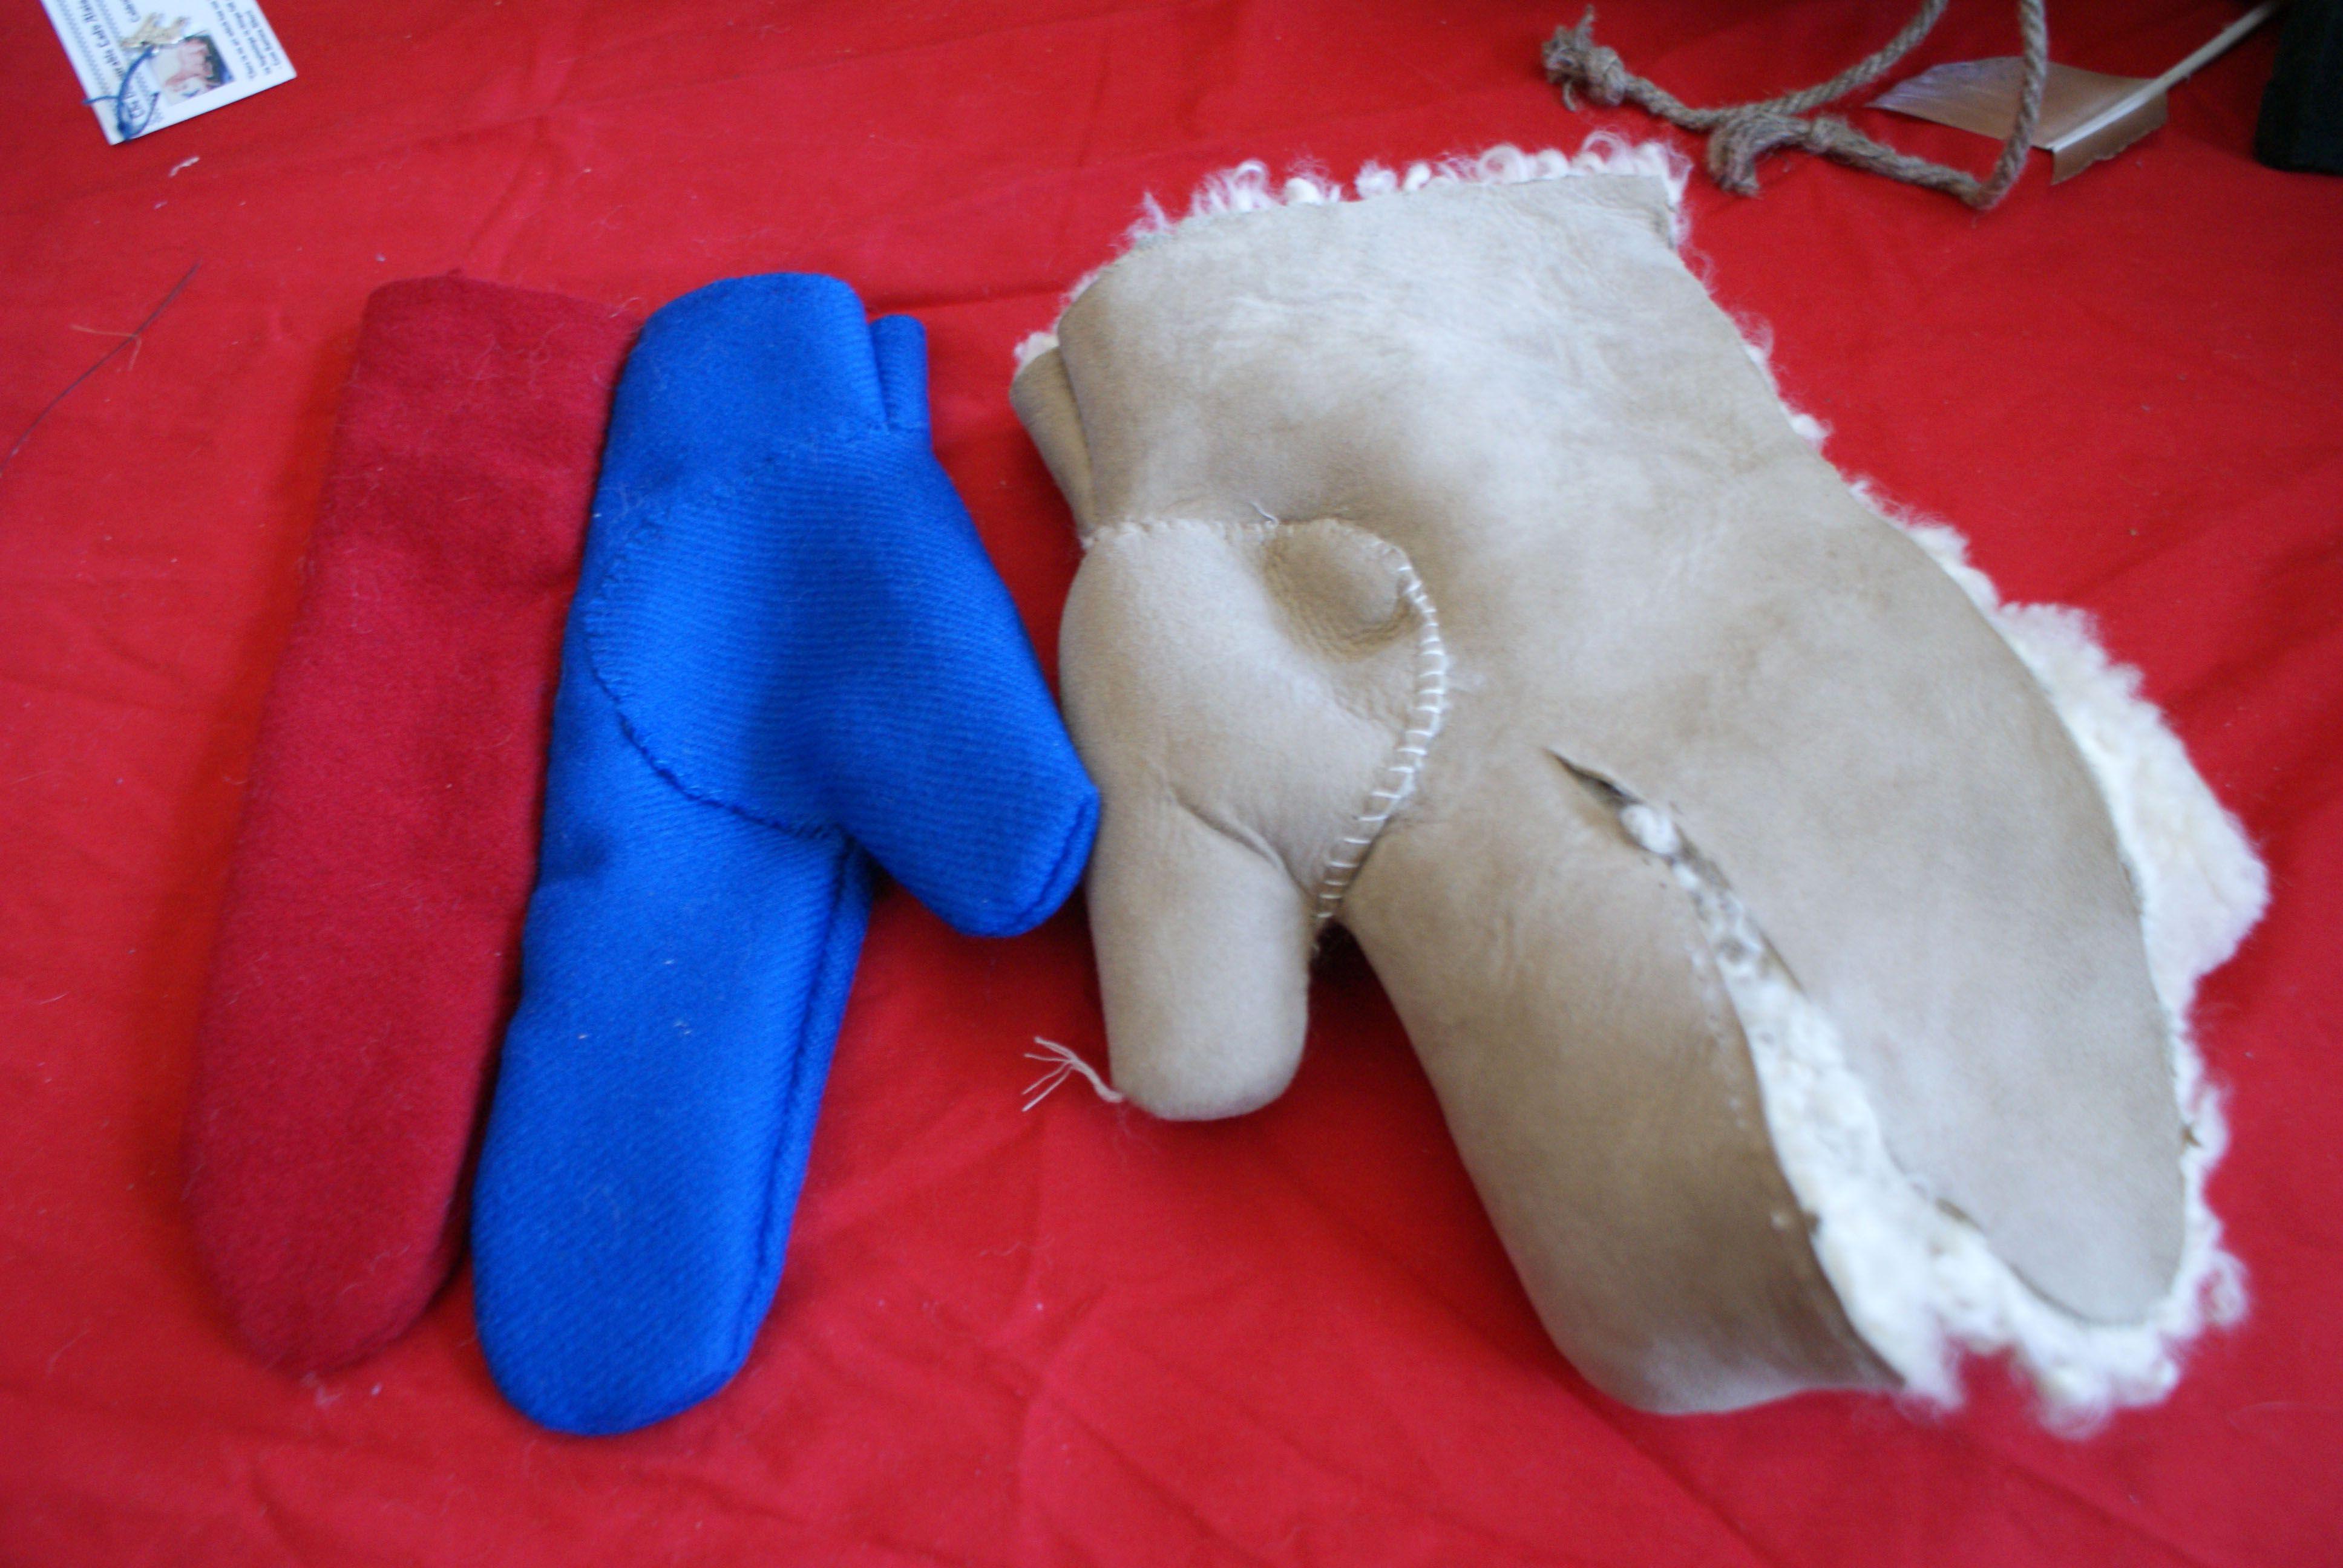 Map Of Poitiers%0A Sheepskin  fingered glove experiment  by THL Alais de Poitiers